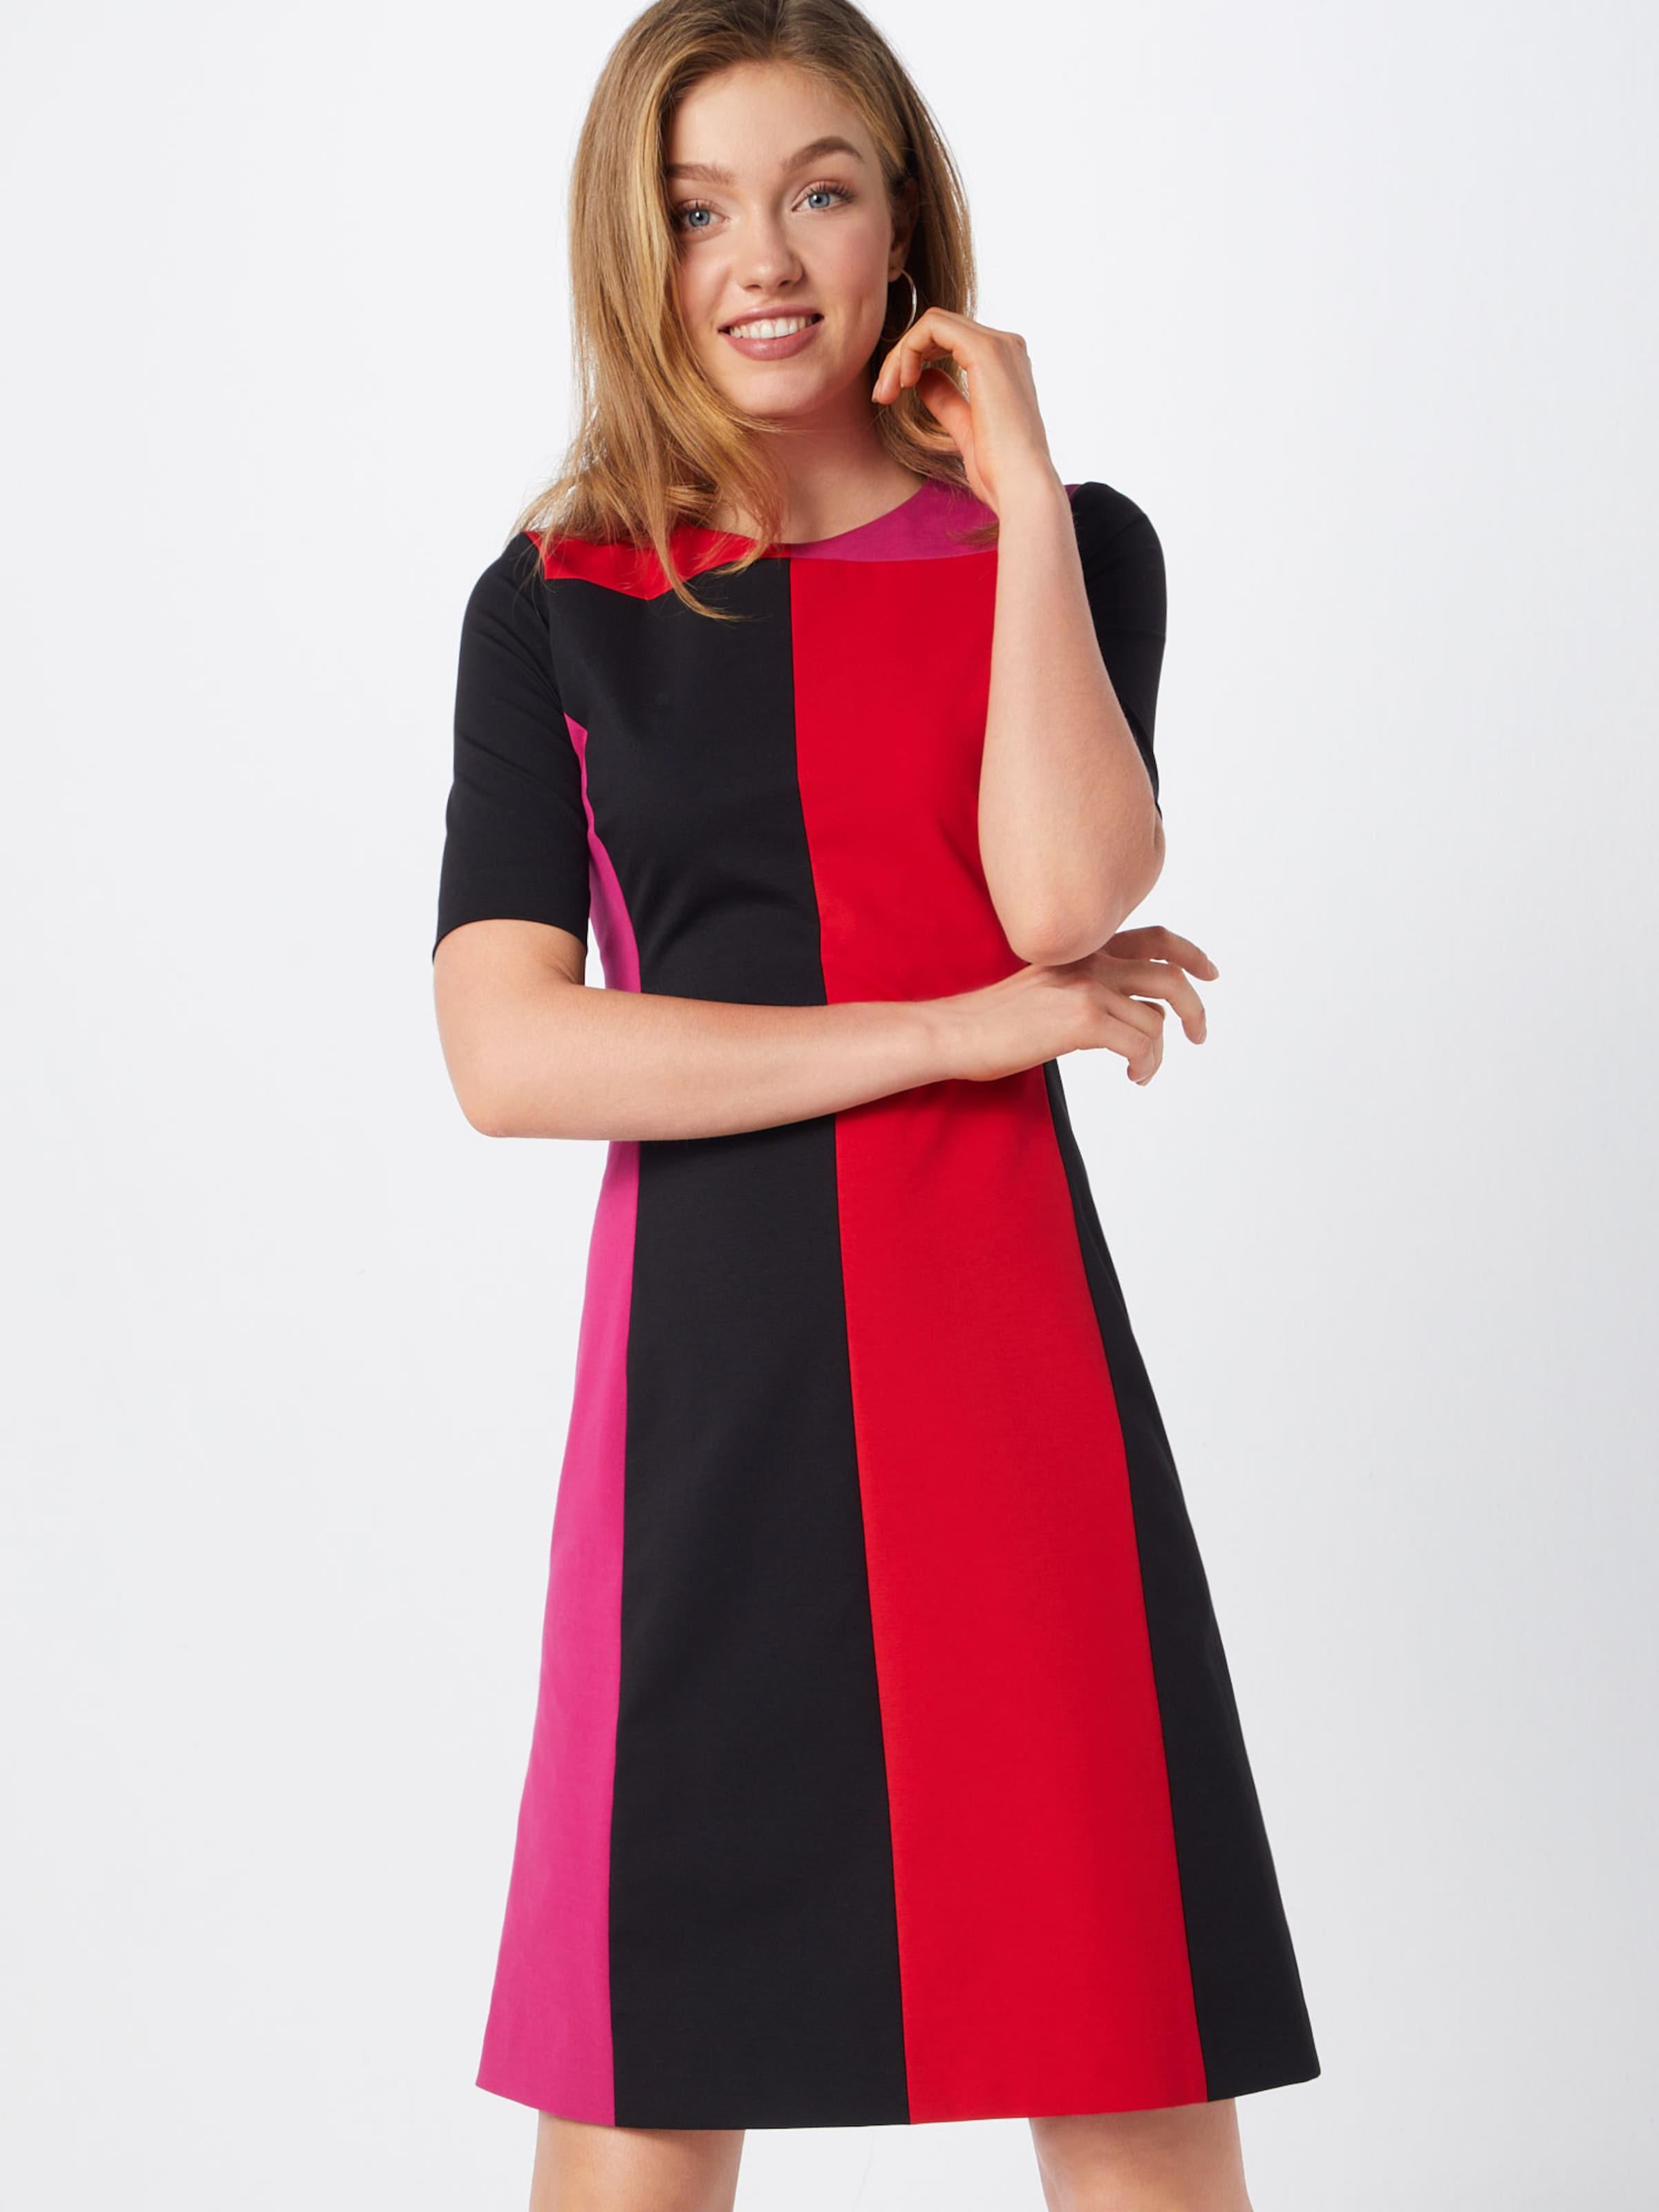 René Schwarz Kleid 'e010s' PinkRot In Lezard f6gvYb7y